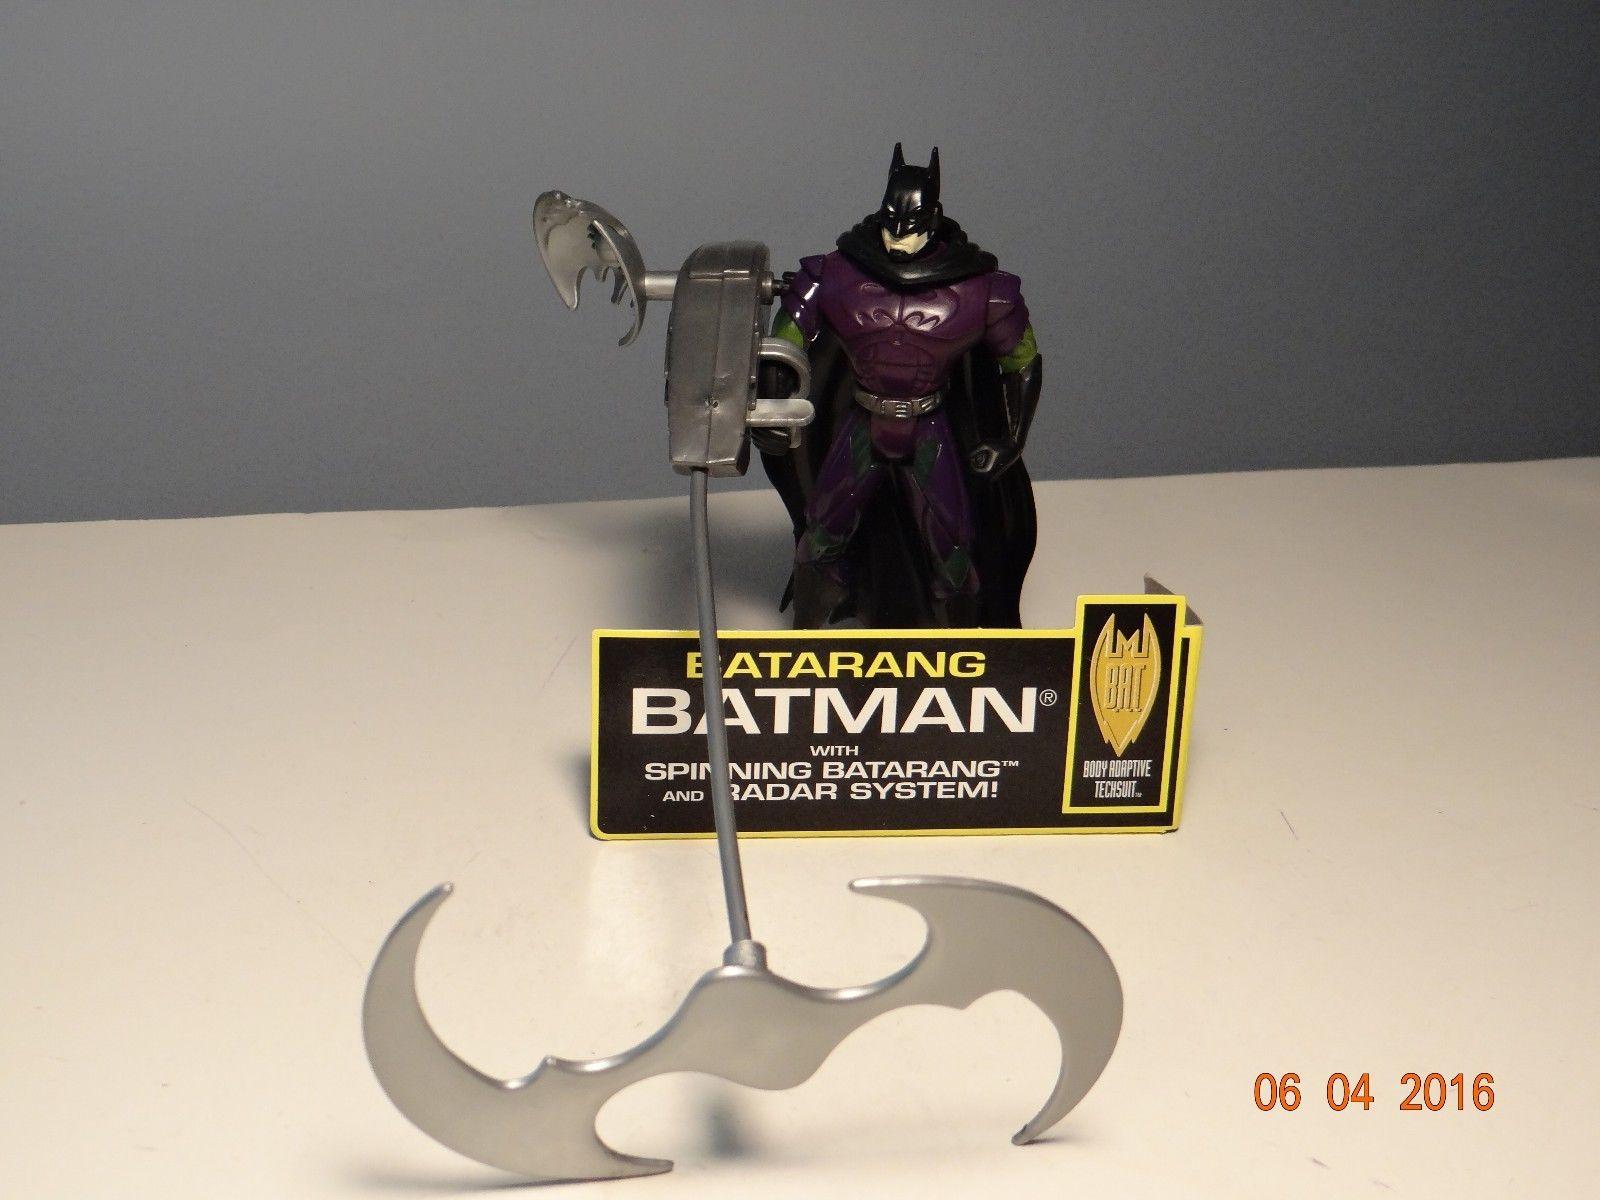 batarang2.jpg